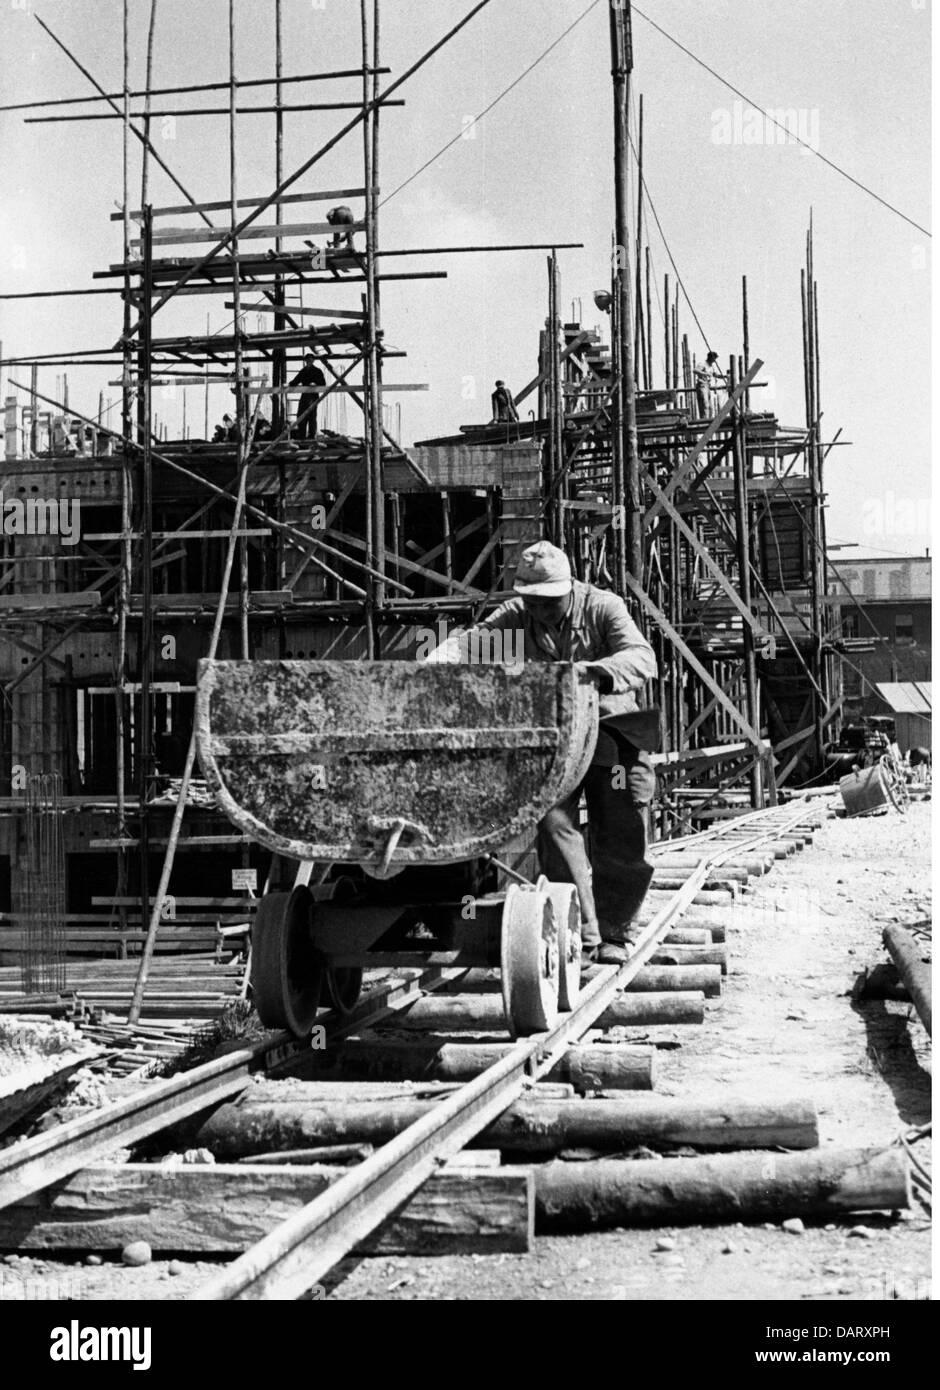 Post-Periode, Wiederaufbau, Deutschland, Hausbau, Kipper, 1950er Jahre, Schienen, Baustelle, im Bau, Arbeiter, Stockbild